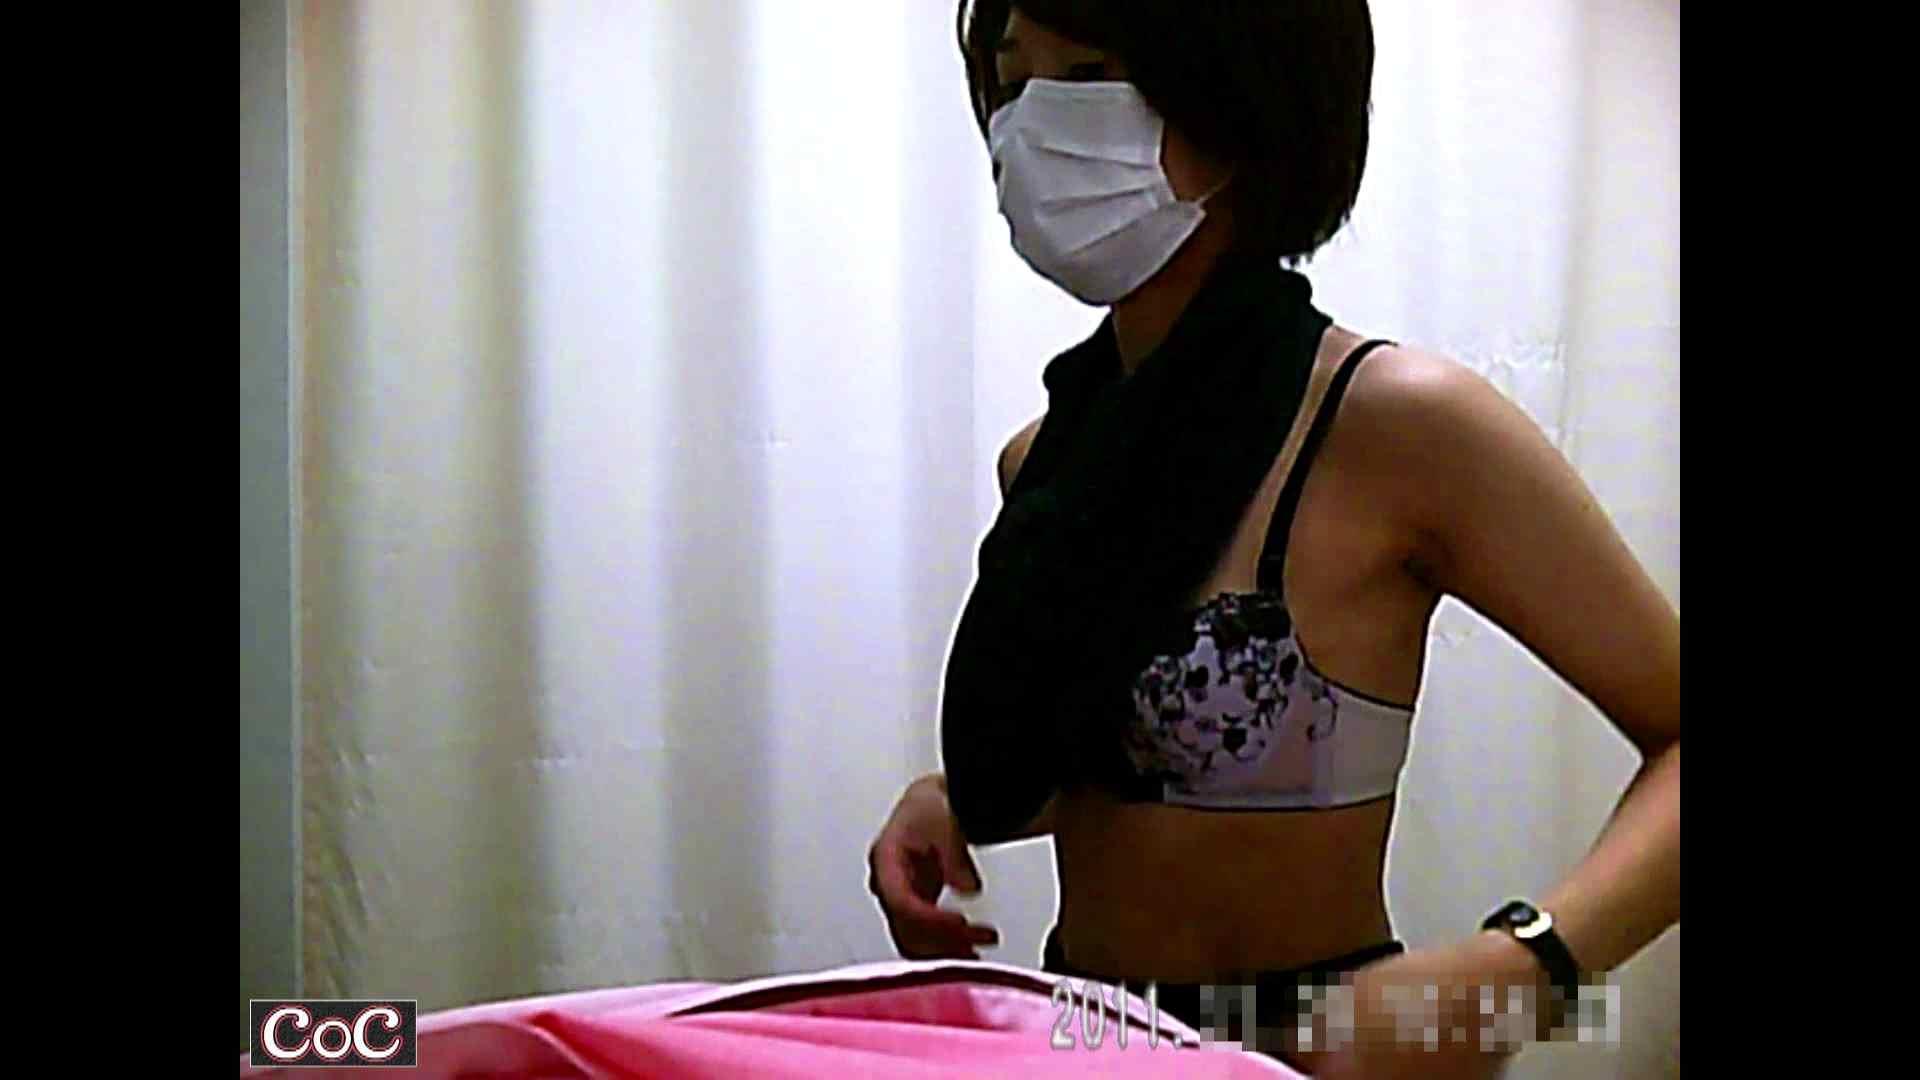 元医者による反抗 更衣室地獄絵巻 vol.190 OLハメ撮り  35Pix 2